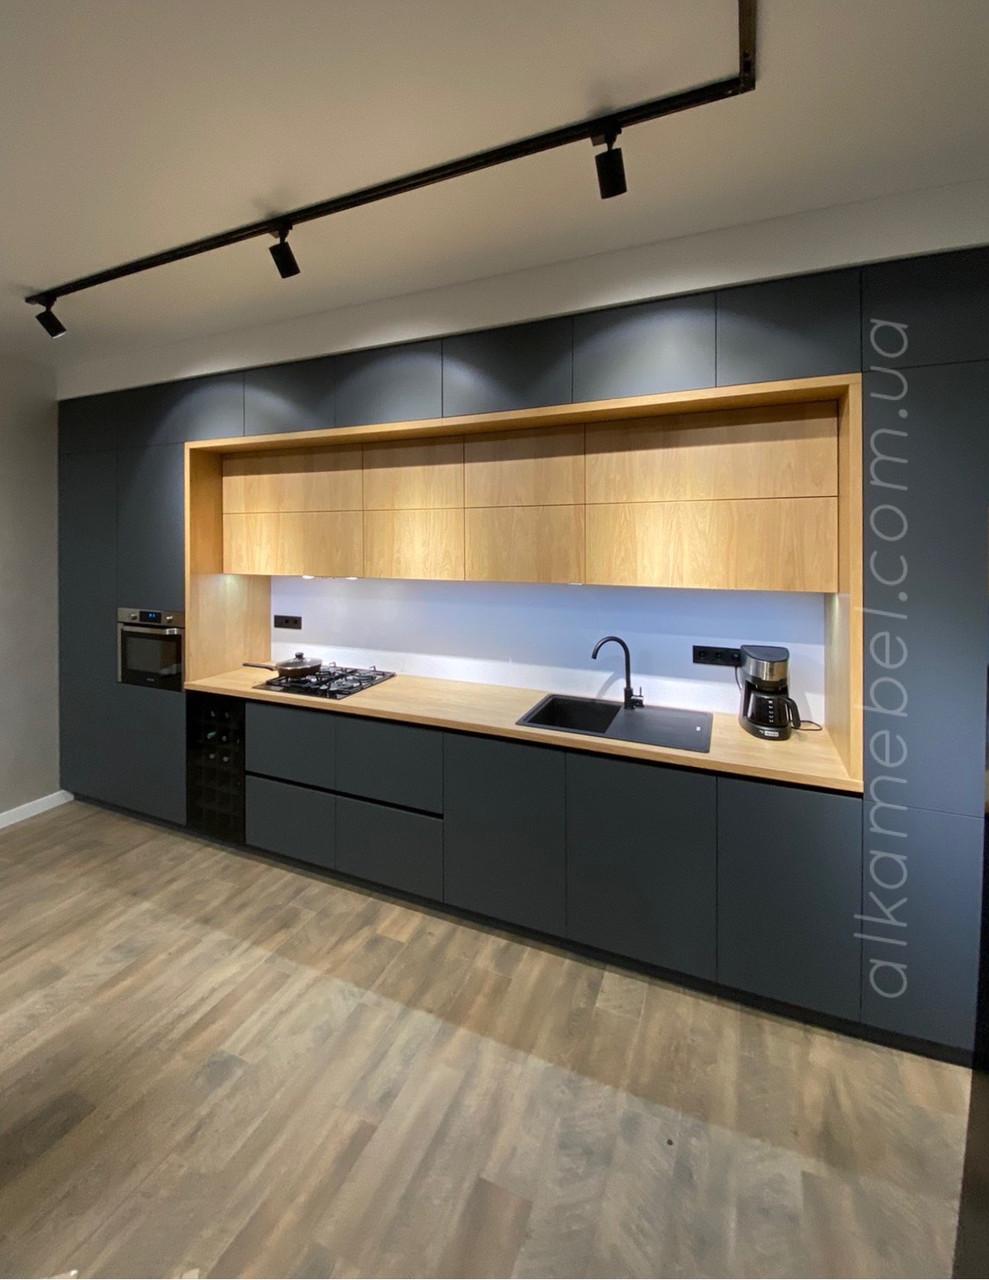 Двоповерхова Кухня на замовлення в сучасному стилі. Кухня під стелю. Кухня двухярусна. Кухня 2021 року